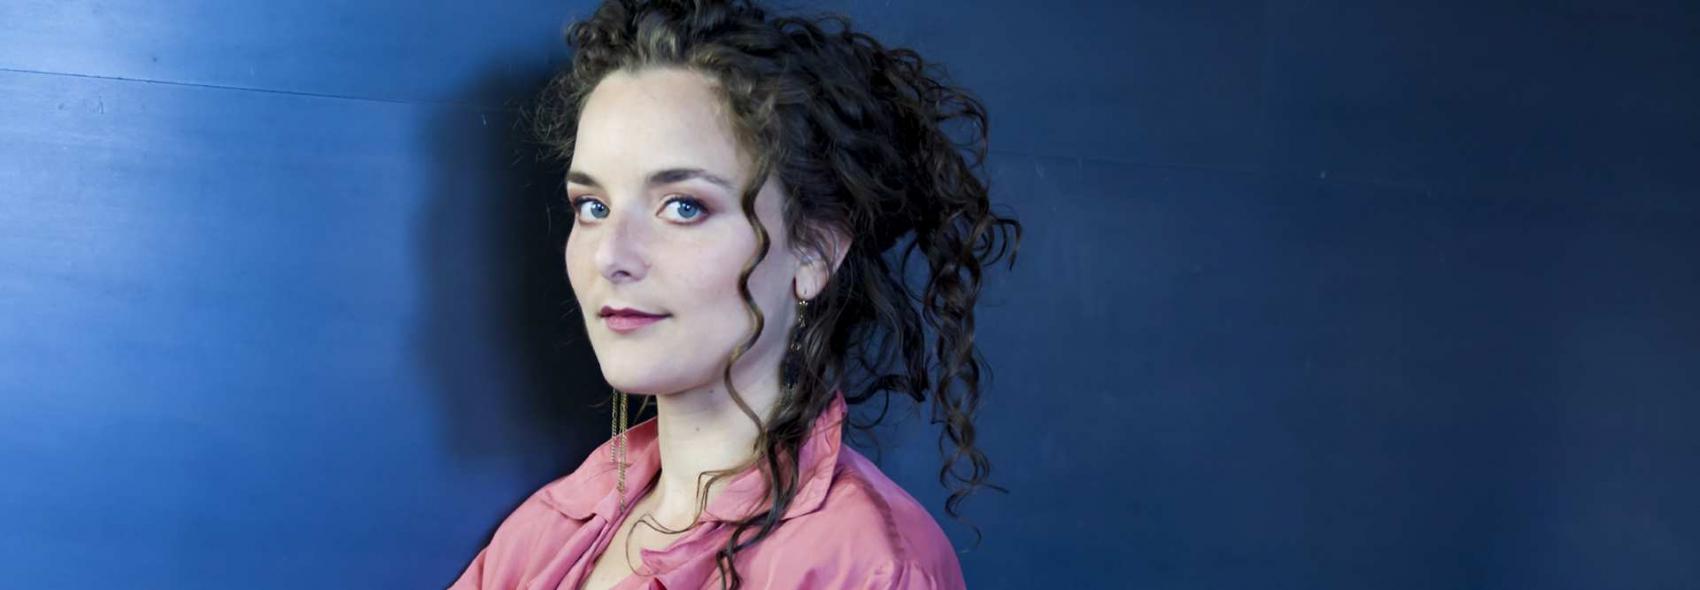 Het Nederlands Kamerorkest speelt Mozarts beroemde koren en aria's